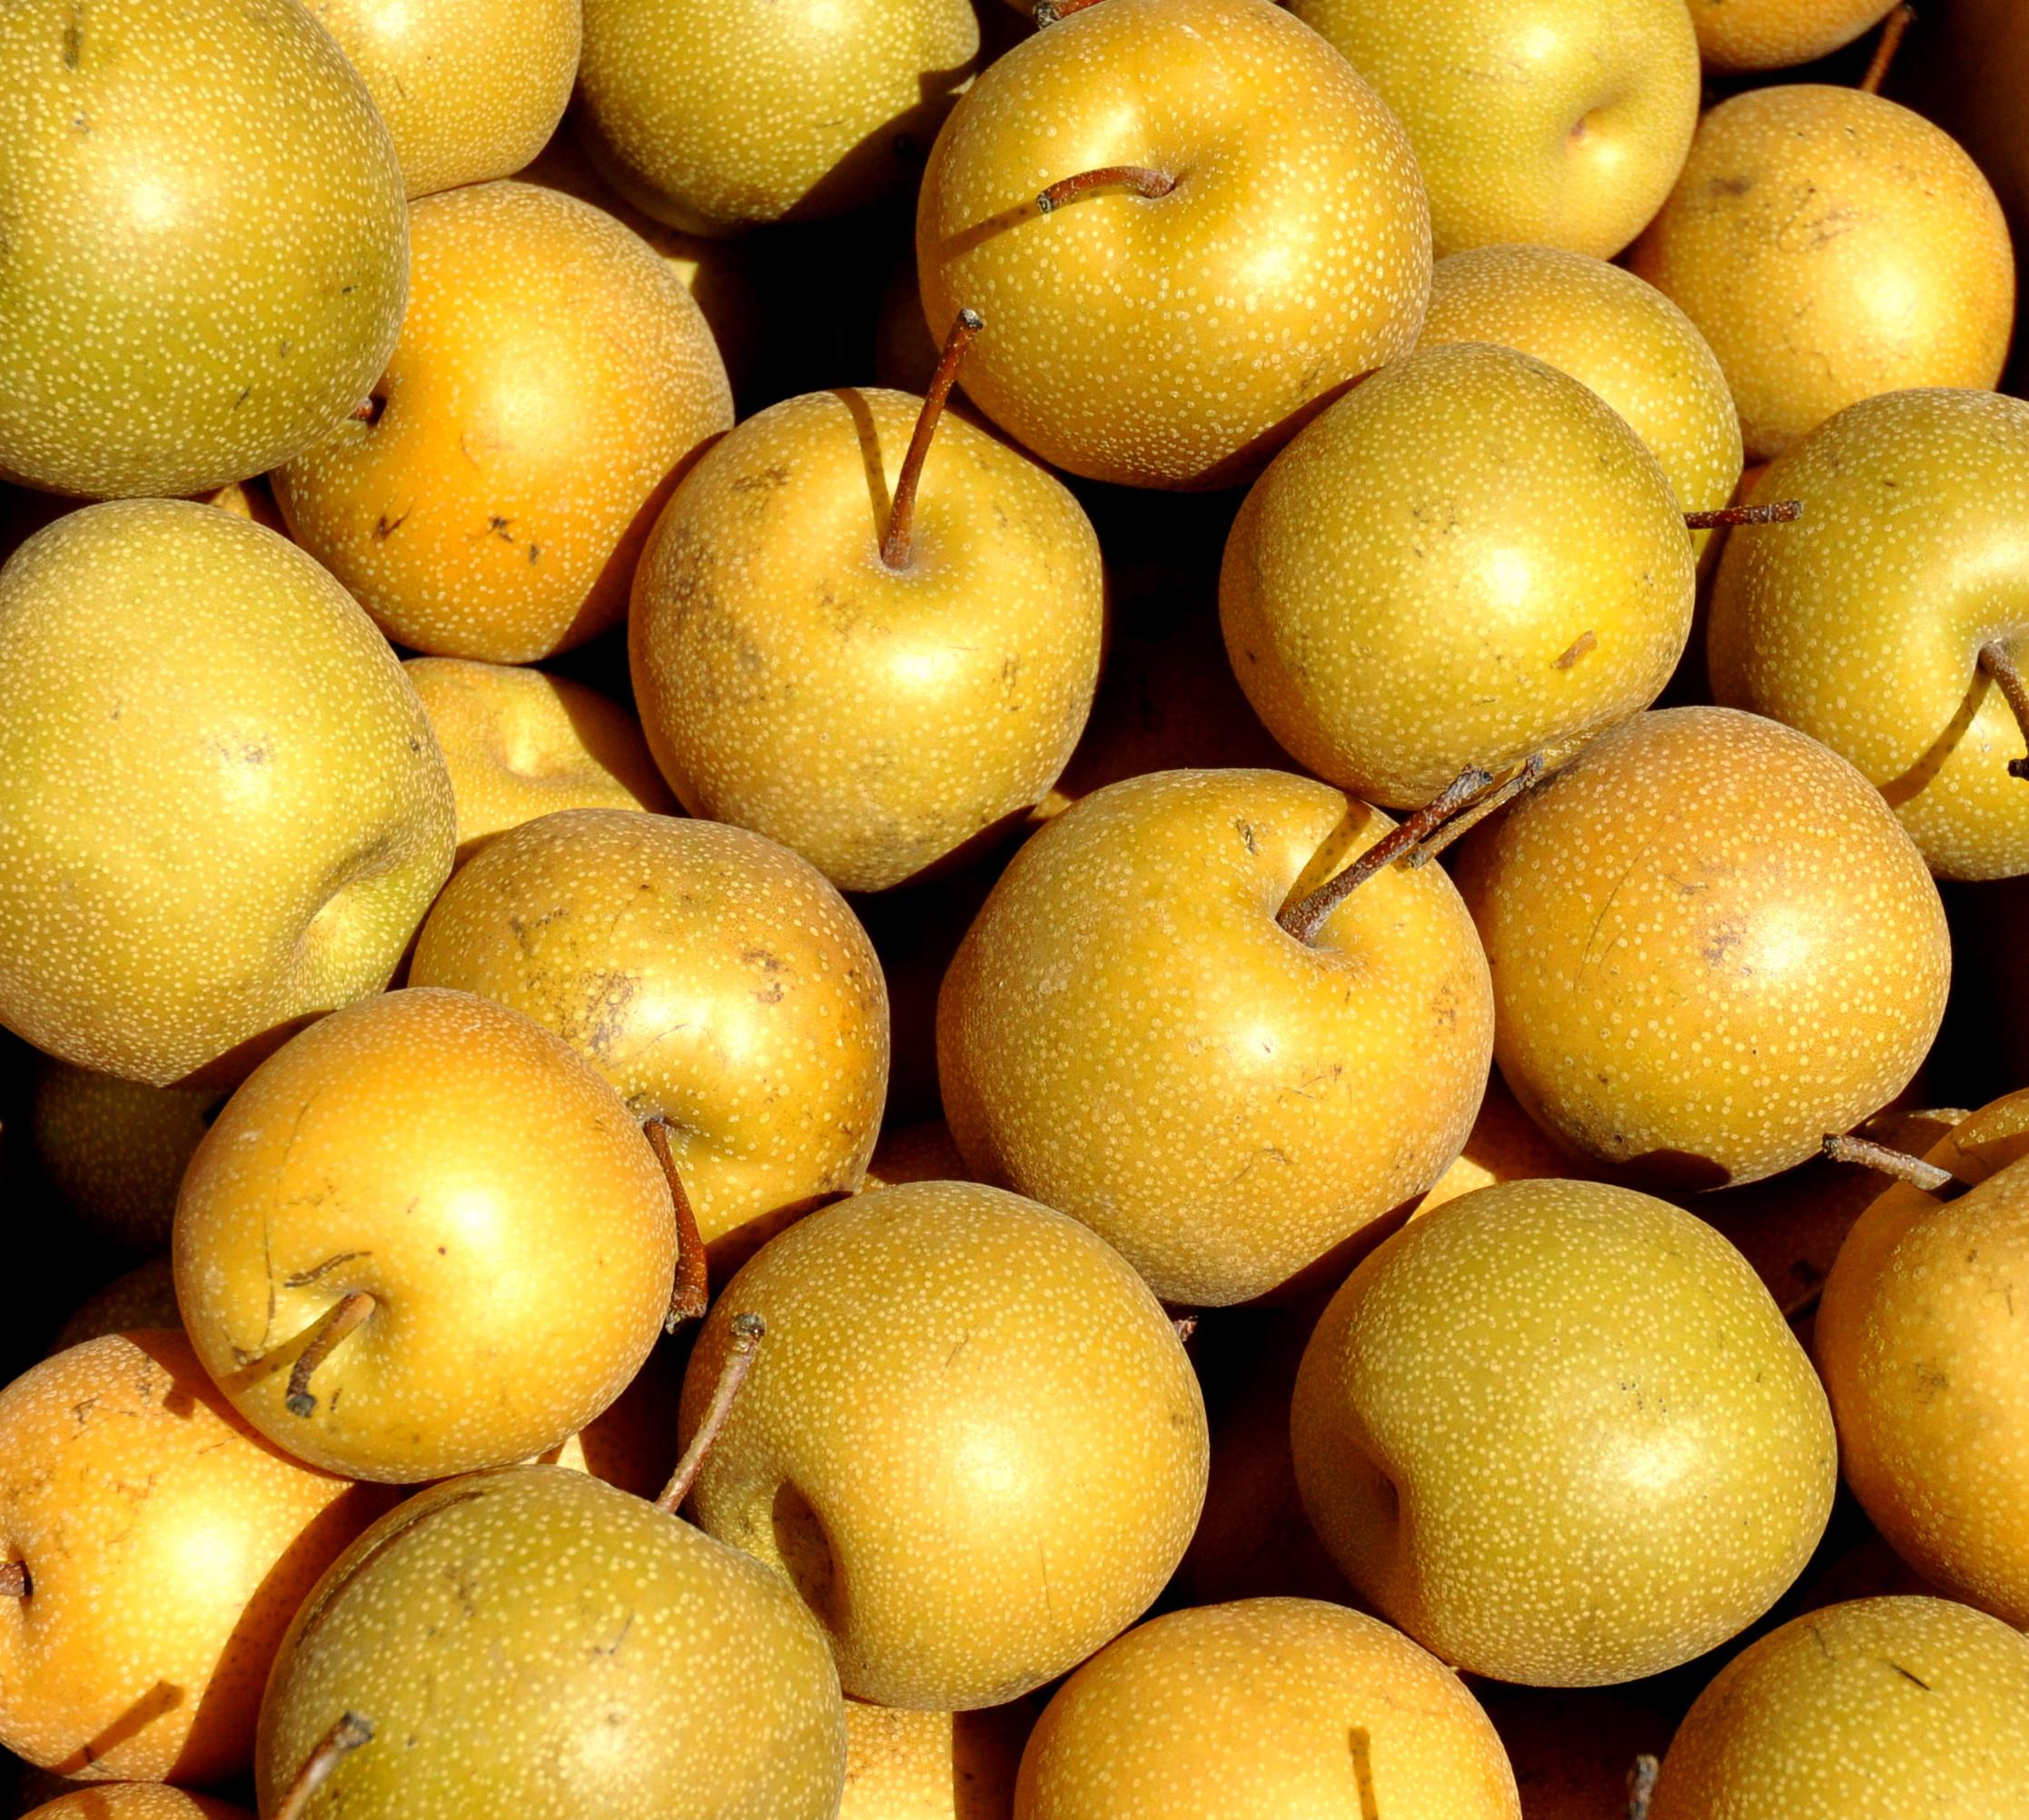 Asian pears from Tiny's Organic at Ballard Farmers Market. Copyright 2014 by Zachary D. Lyons.